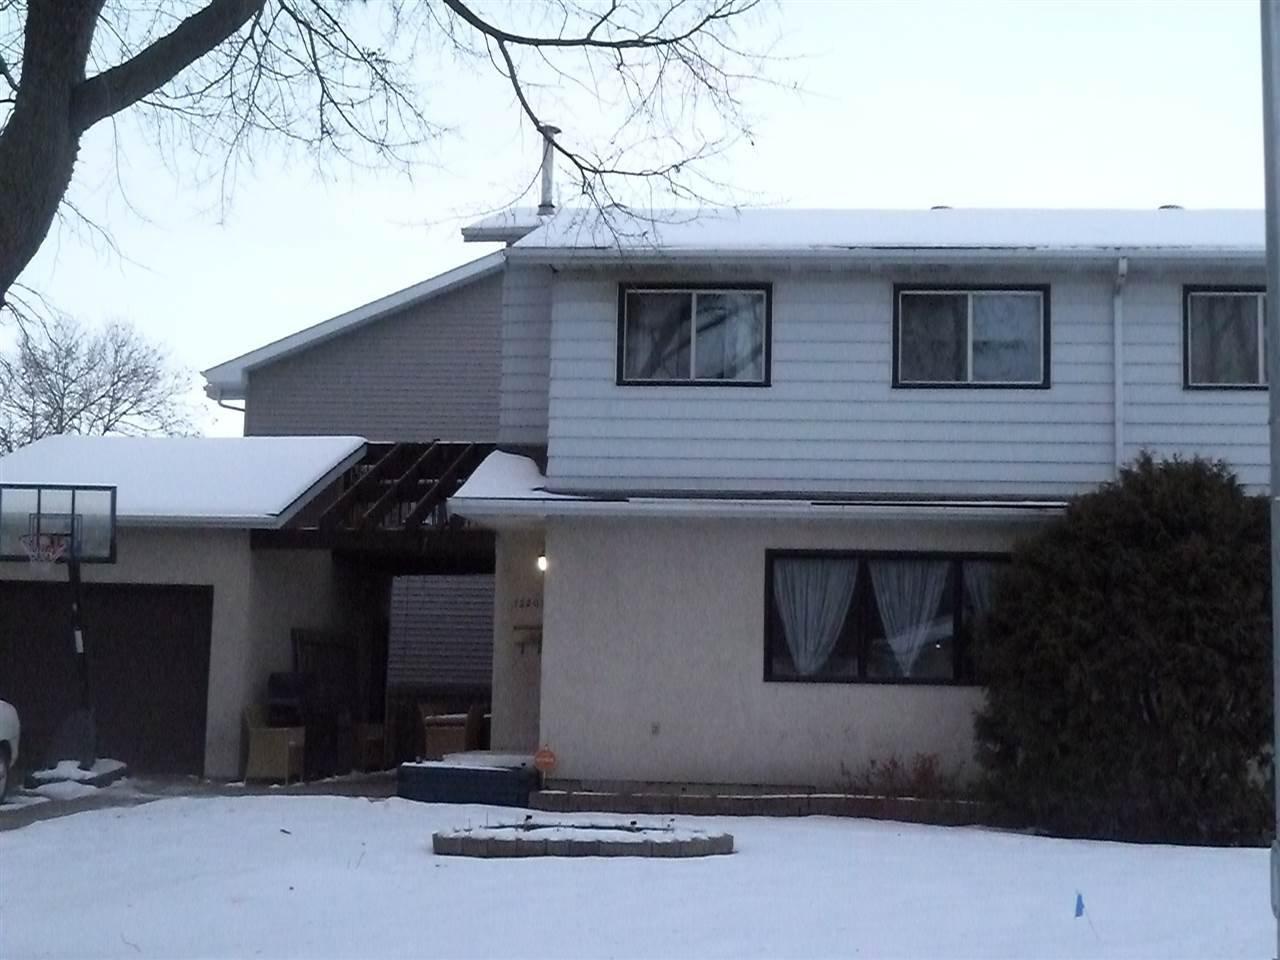 Main Photo: 12203 119 Avenue in Edmonton: Zone 04 House Half Duplex for sale : MLS®# E4183336